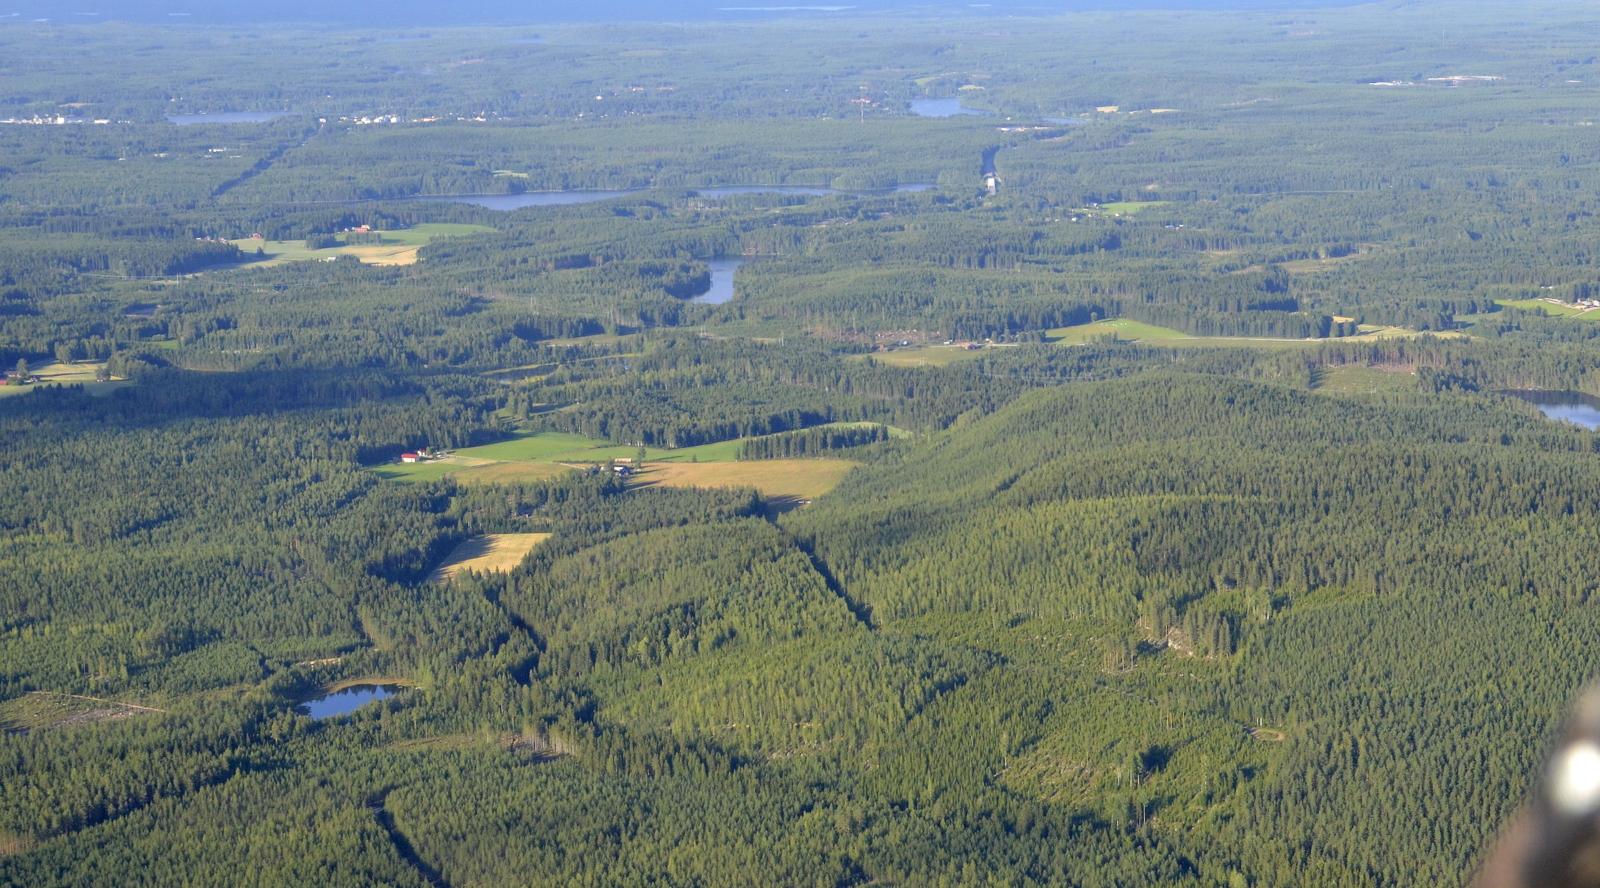 Oikealla Telkkämäki ja vasemmalla Telkkälaakso jonne suunta. Taustalla Suolahden taajaman taloja.